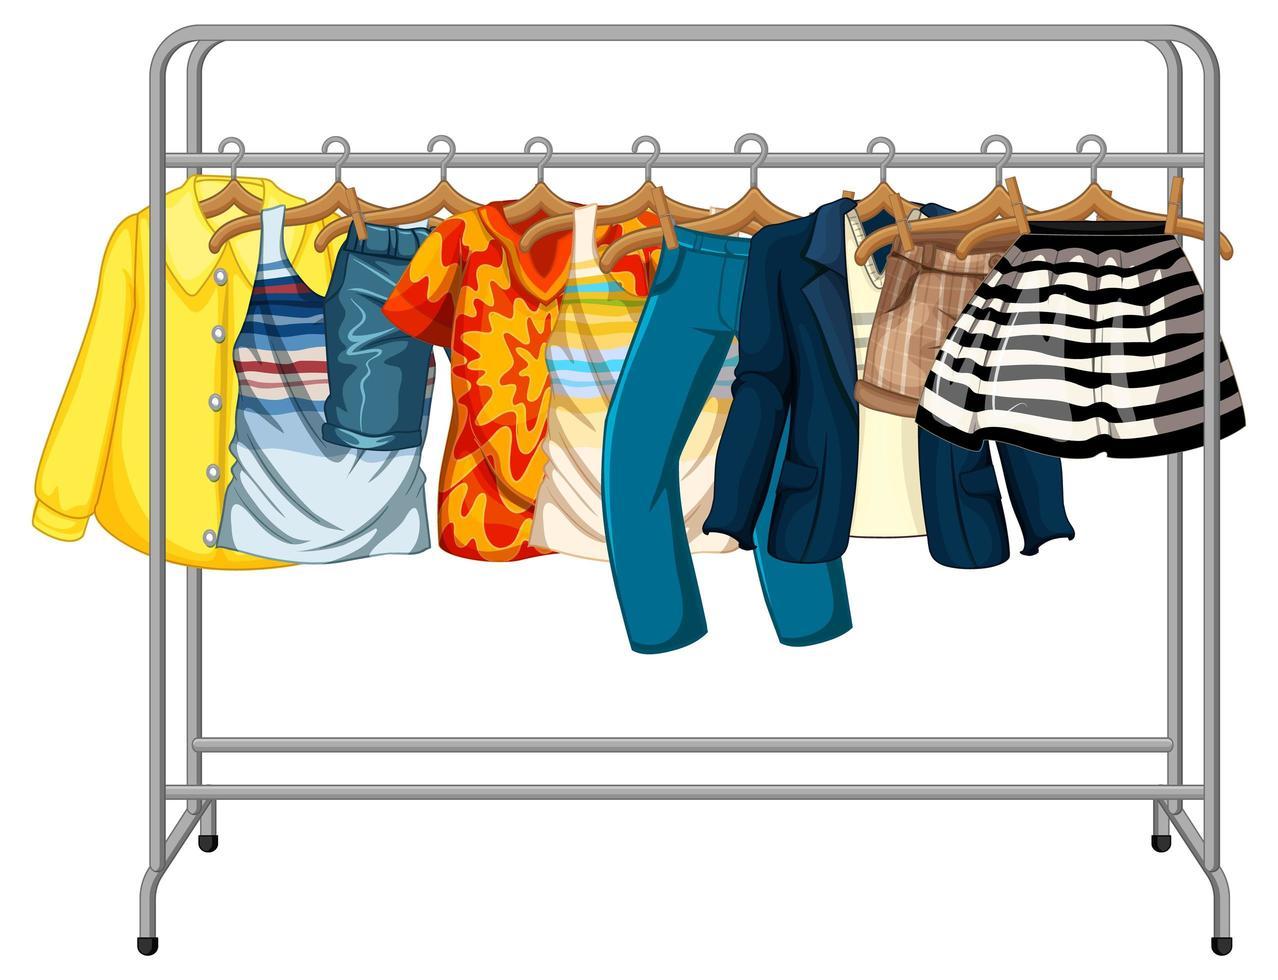 många kläder som hänger på ett klädhängare vektor